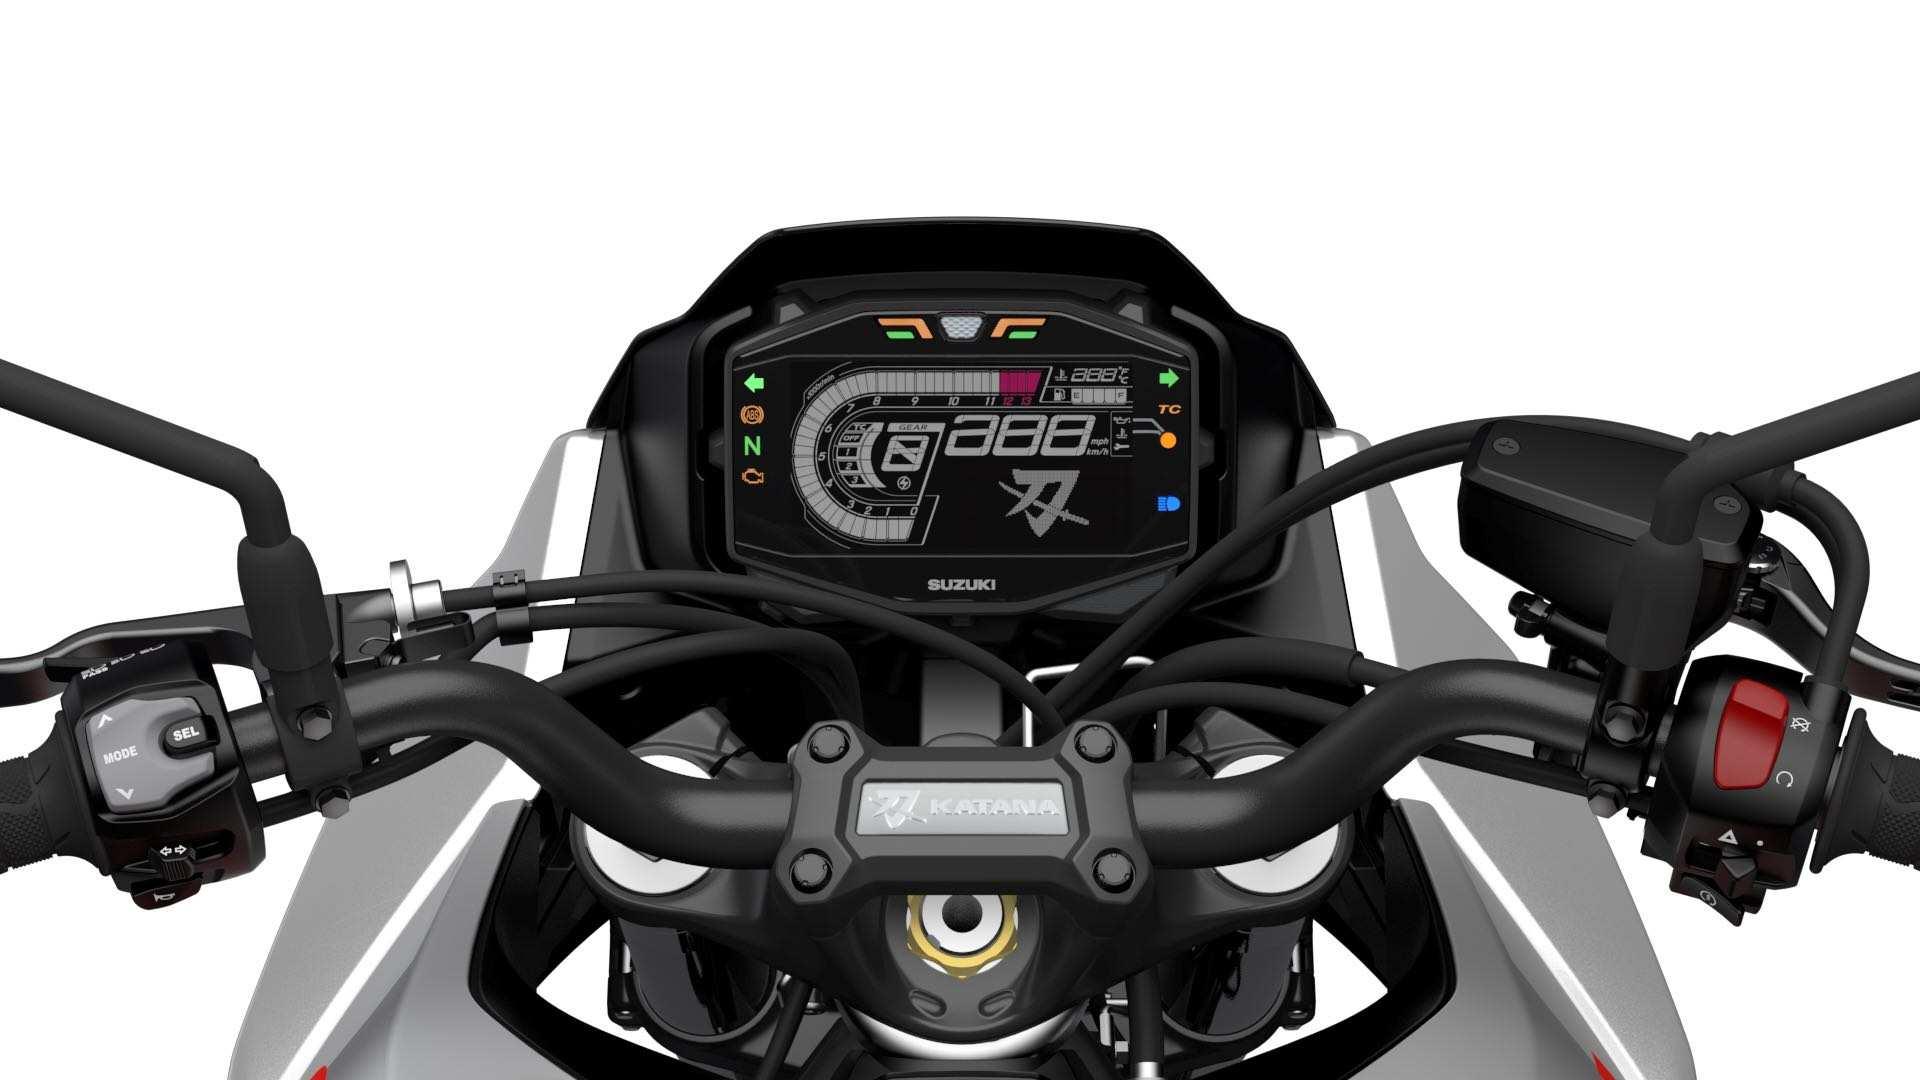 56 All New Motor Suzuki 2020 Ratings with Motor Suzuki 2020